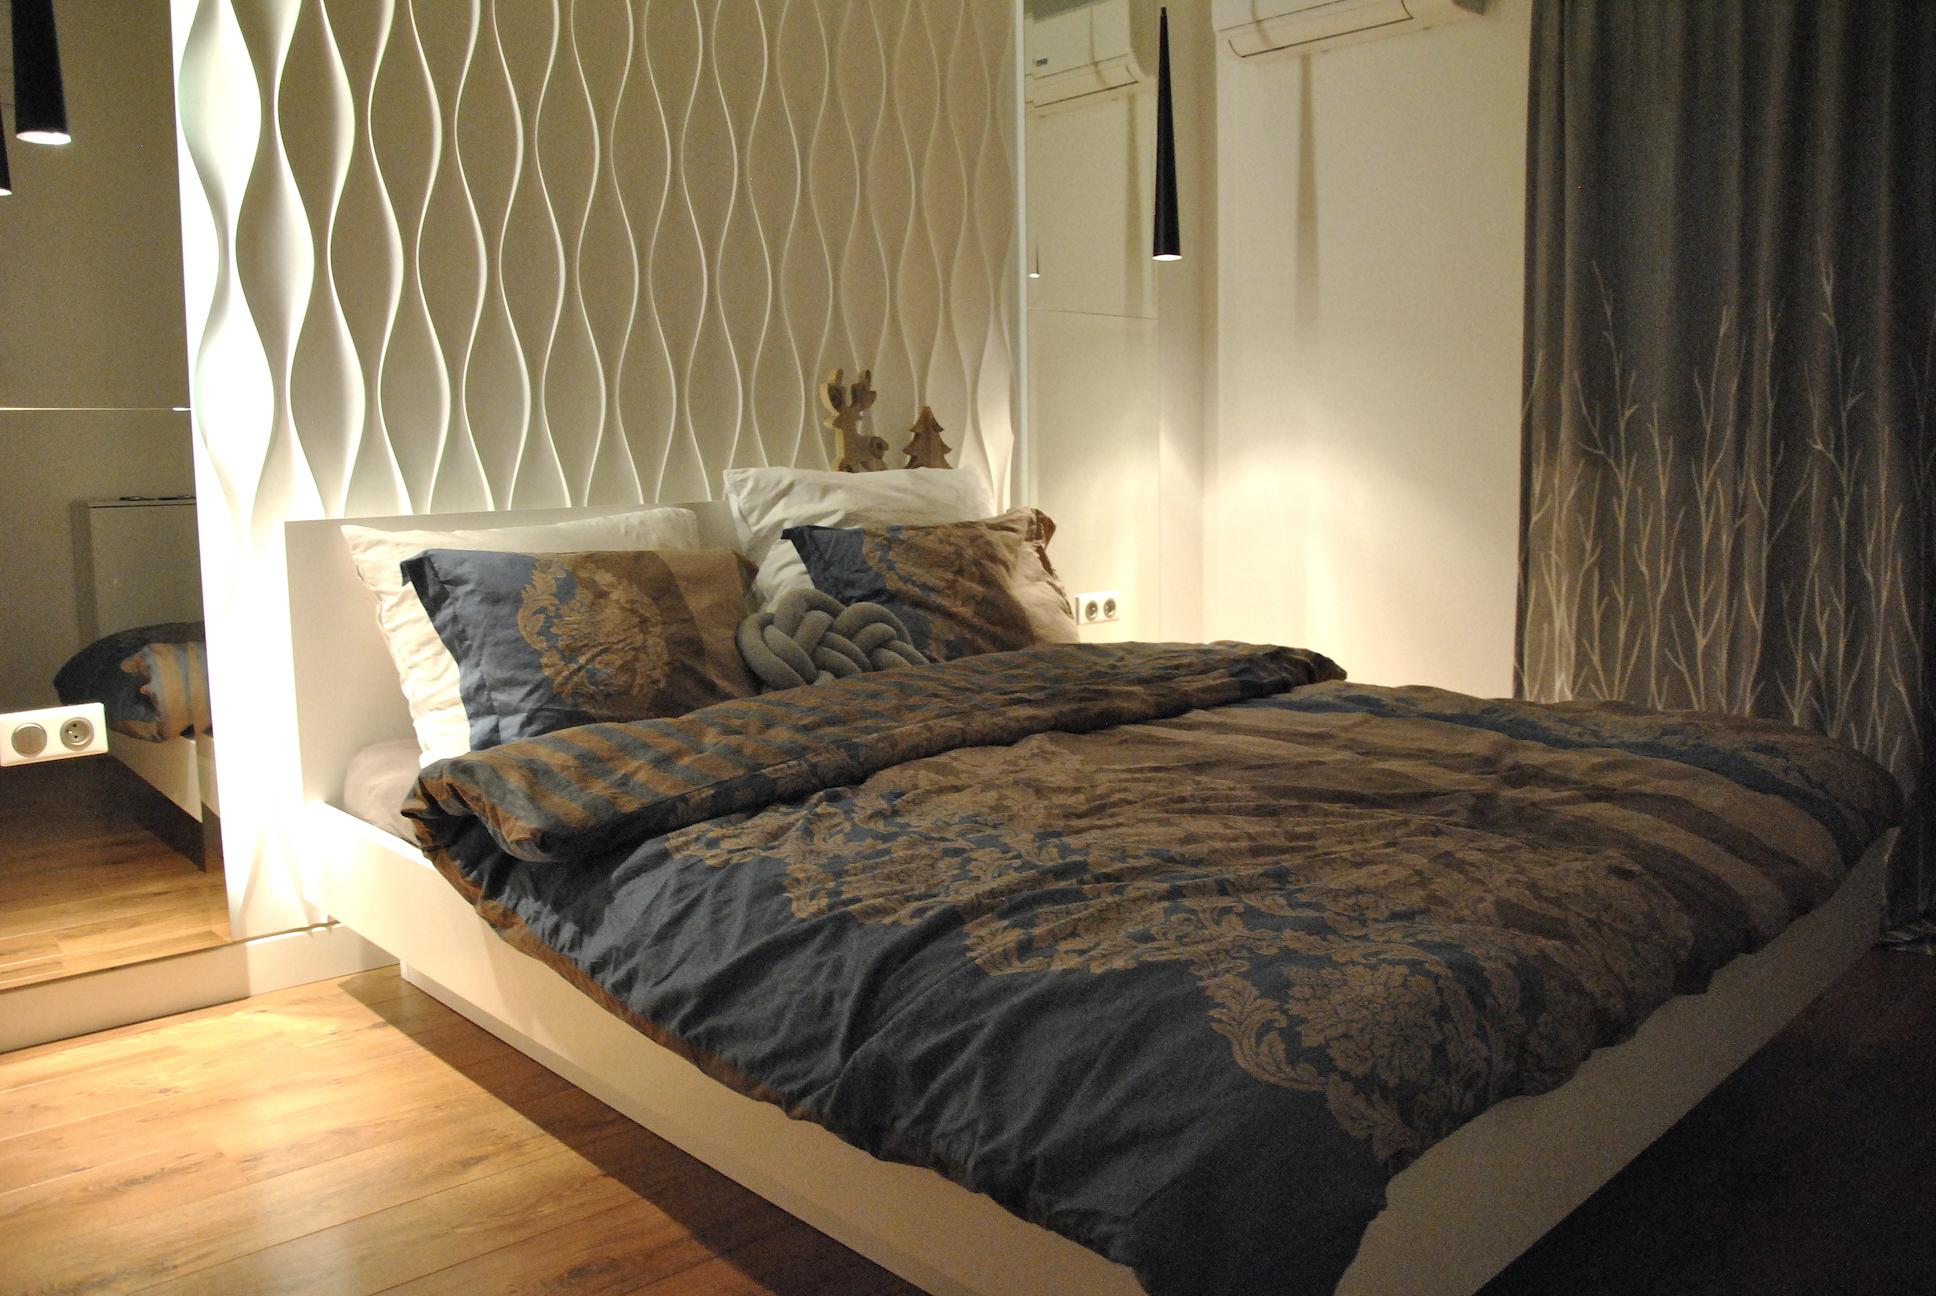 Nasza Sypialnia Wasza Inspiracja Czyli Jak Urządzić Małe